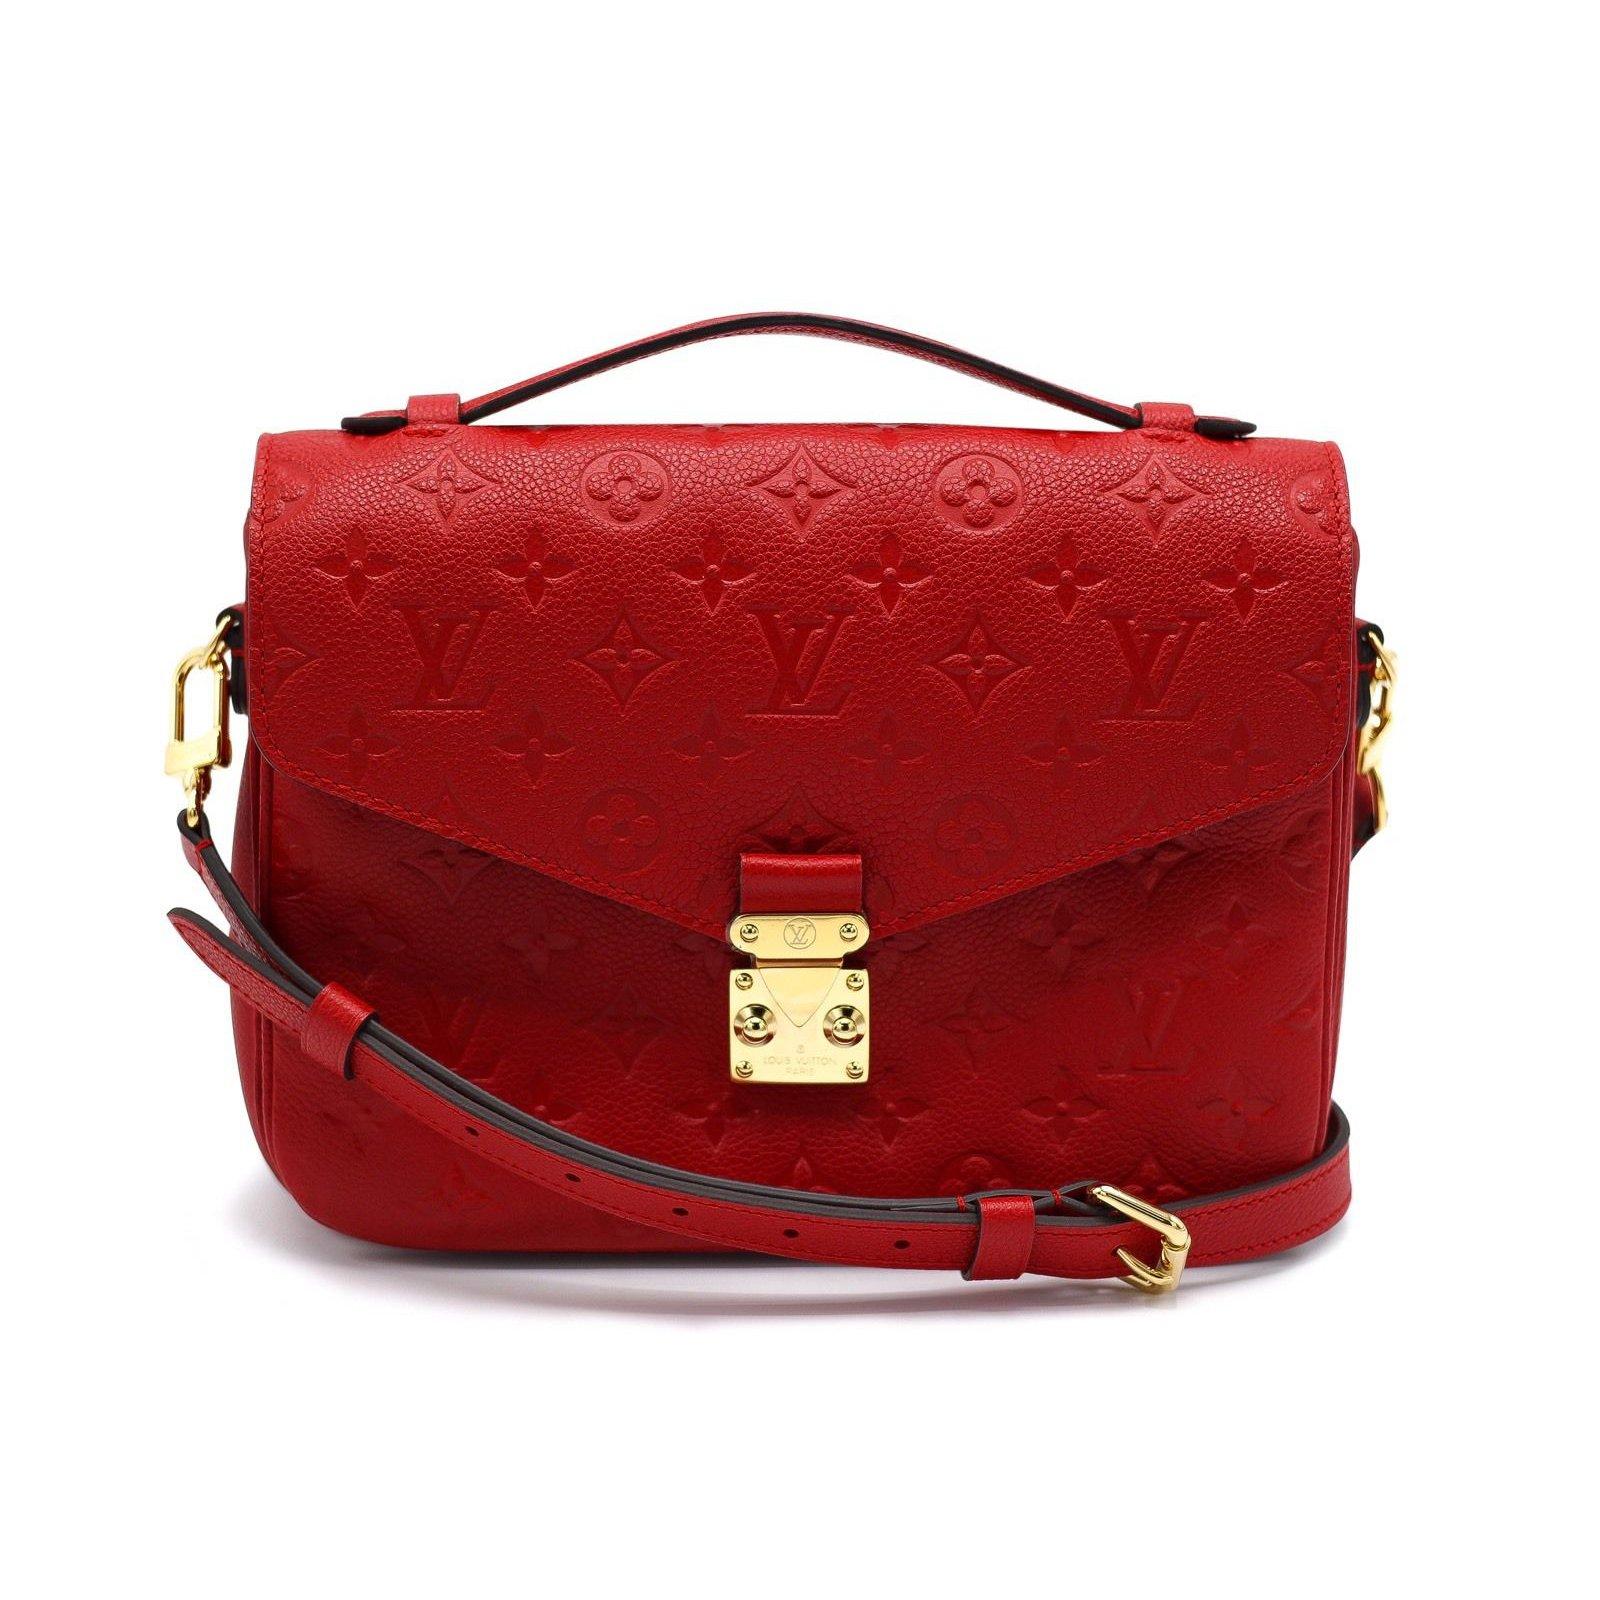 1e554862a477 Sacs porté croisé Rouge – Louis Vuitton M54679 Lockme Bucket Femme Rubis  Sacs à main Louis Vuitton METIS Cuir Rouge ref.39375